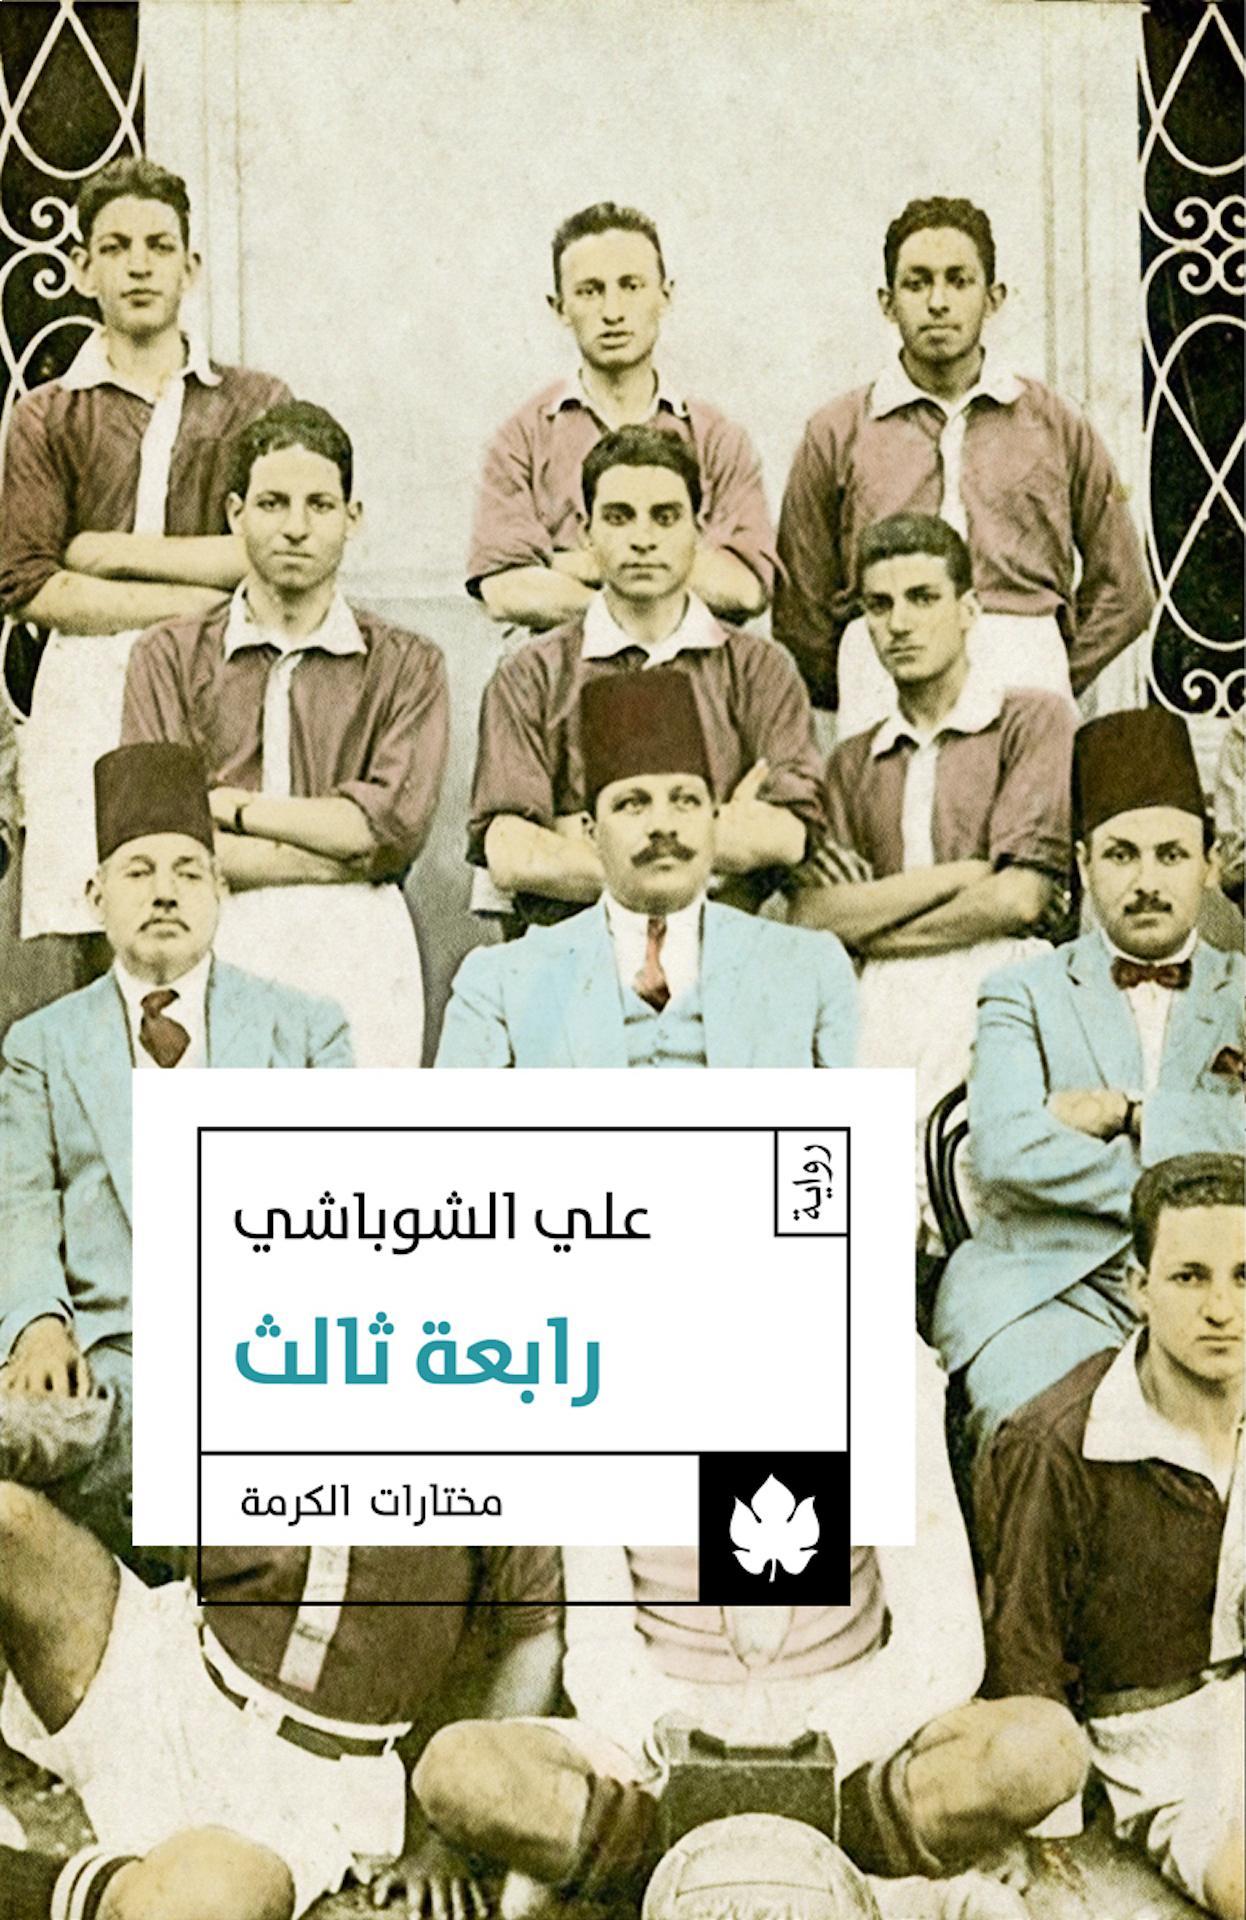 رواية رابعة ثالث علي الشوباشي